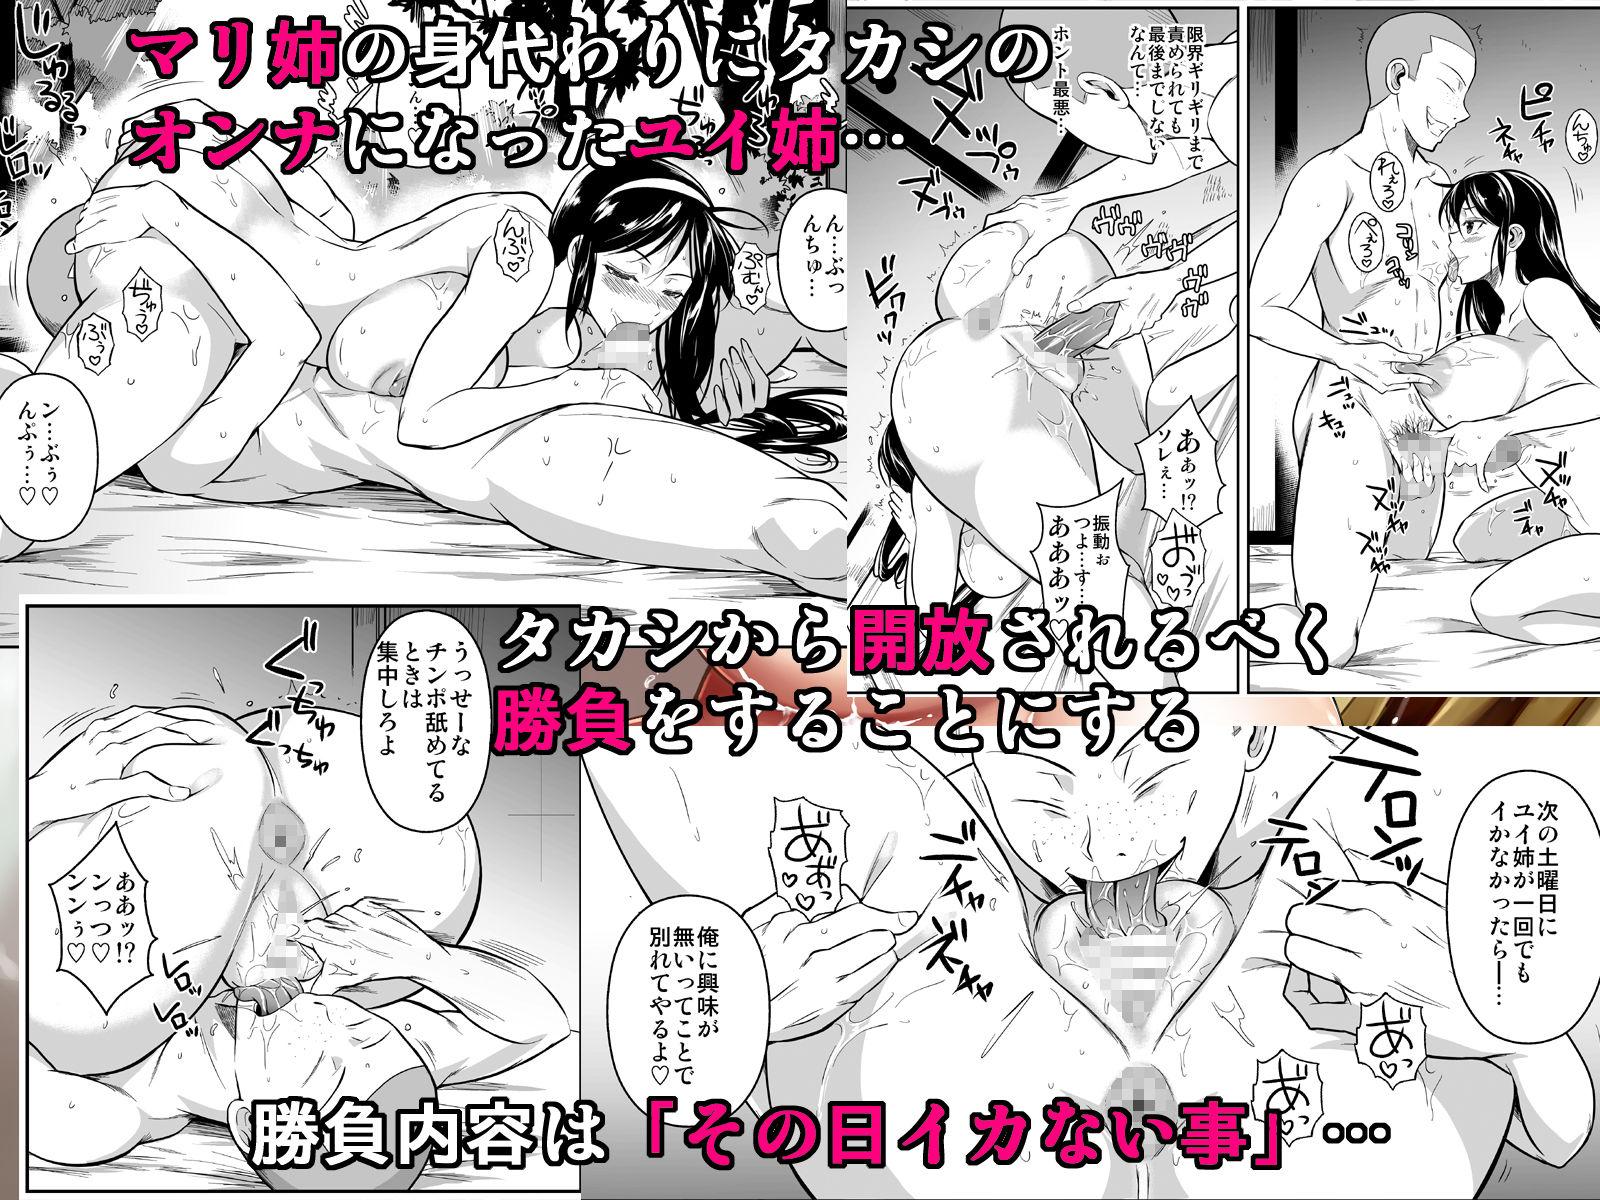 冬虫夏草5〜親友の姉妹を貪る夏〜